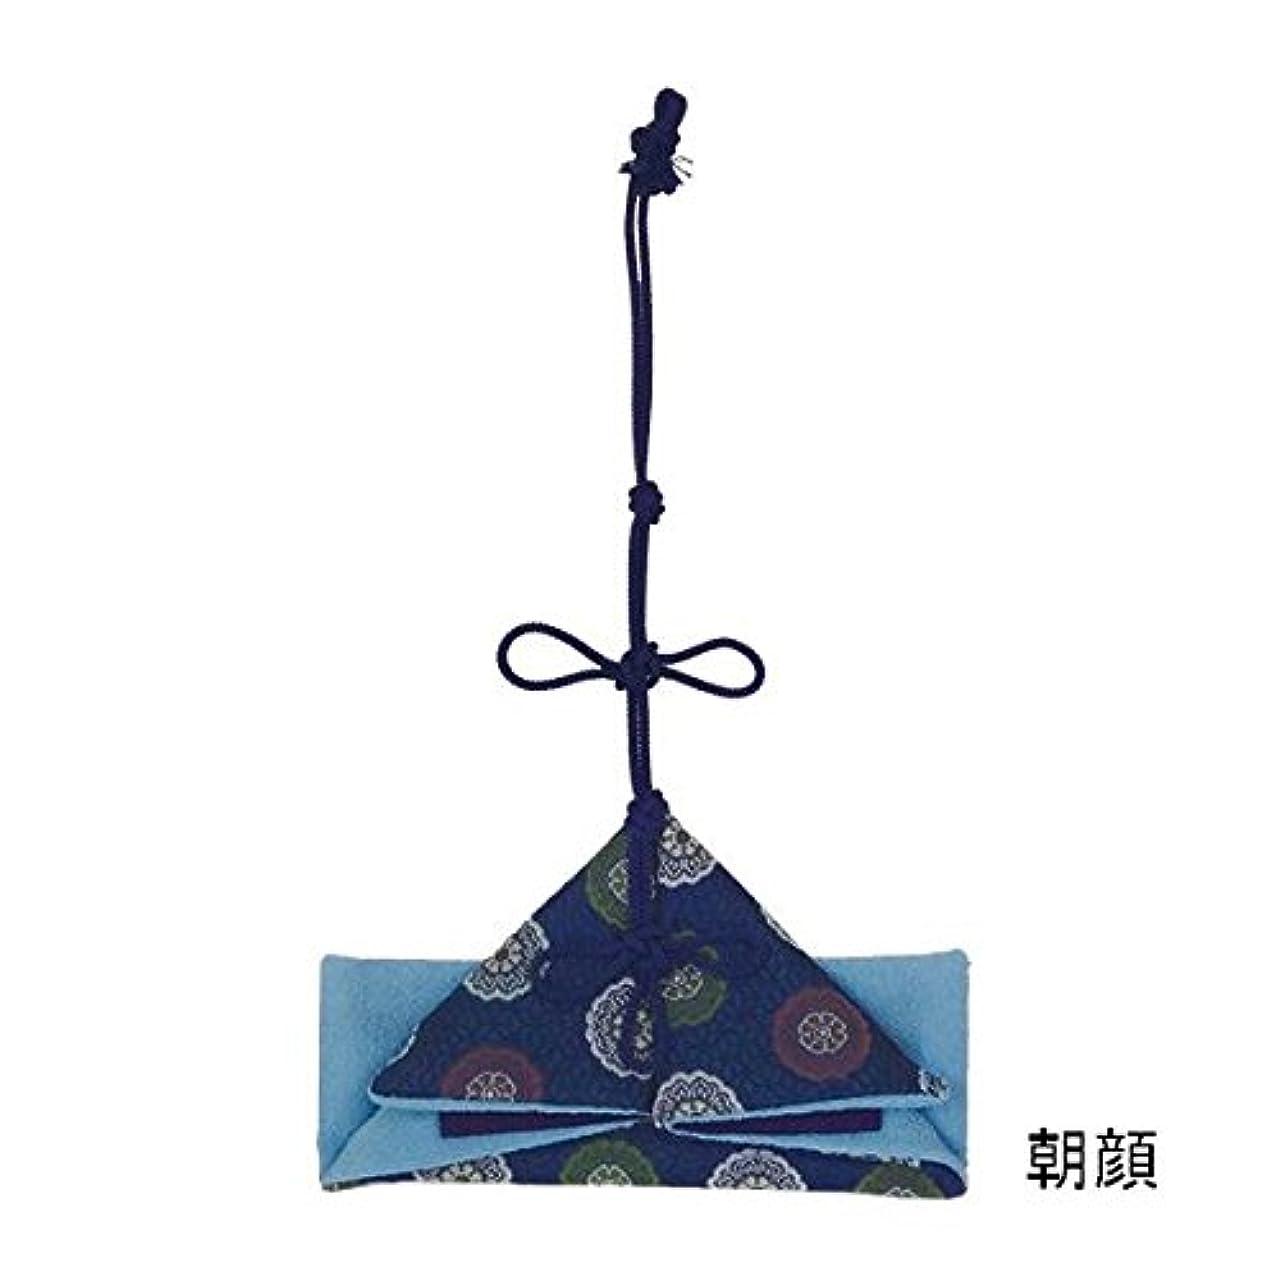 セットする違反雑種源氏物語 掛香 唐衣(からぎぬ)  (朝顔)